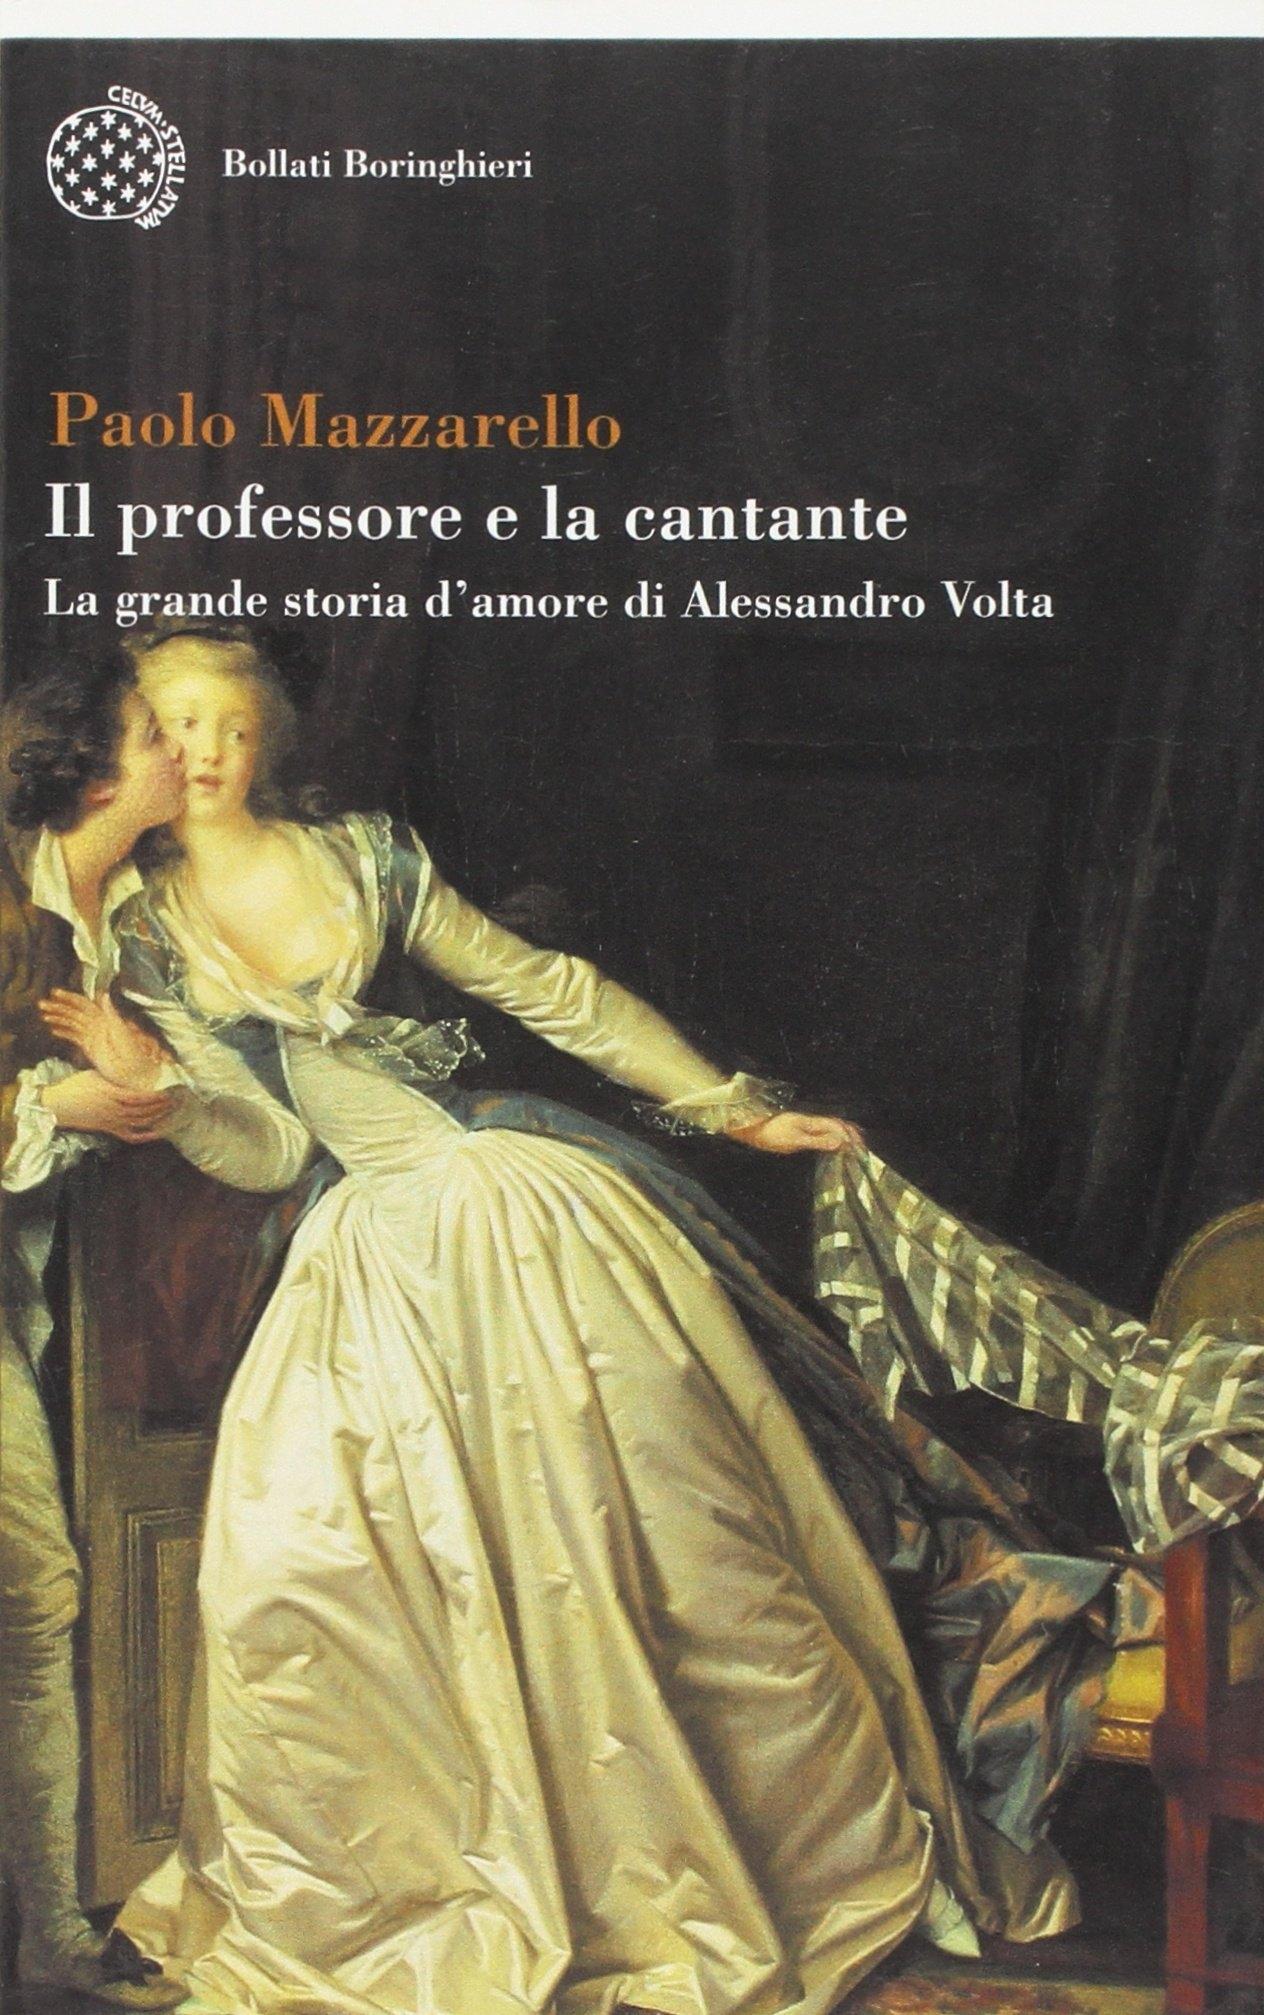 Il professore e la cantante. La grande storia d'amore di Alessandro Volta.